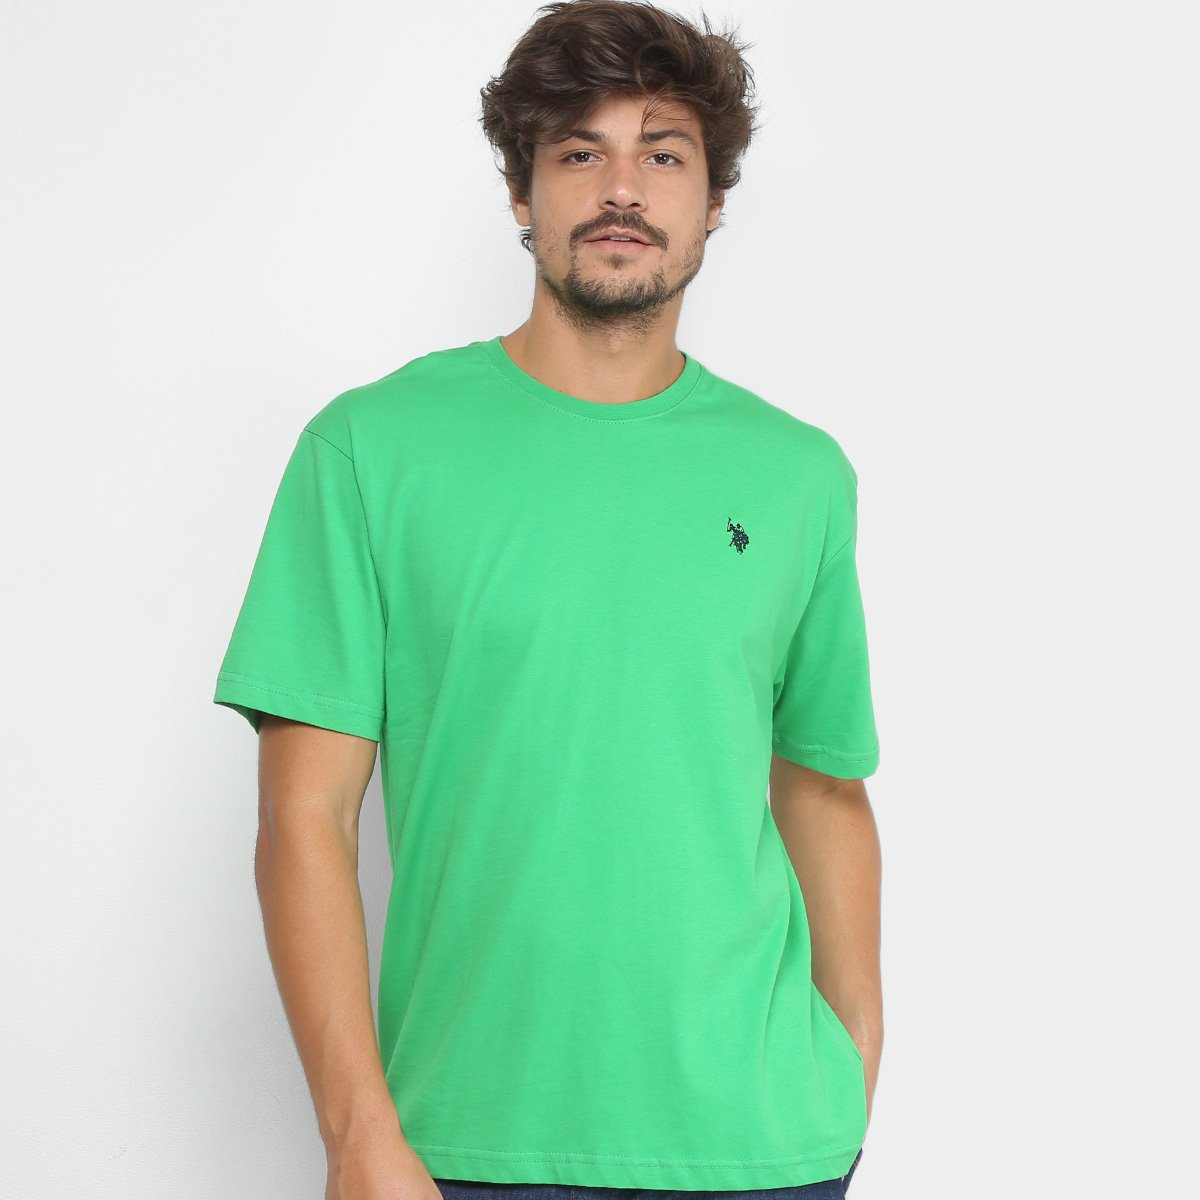 Camiseta Básica U.S.Polo Assn Manga Curta Masculina - Verde - Compre ... 9d817e98881dc